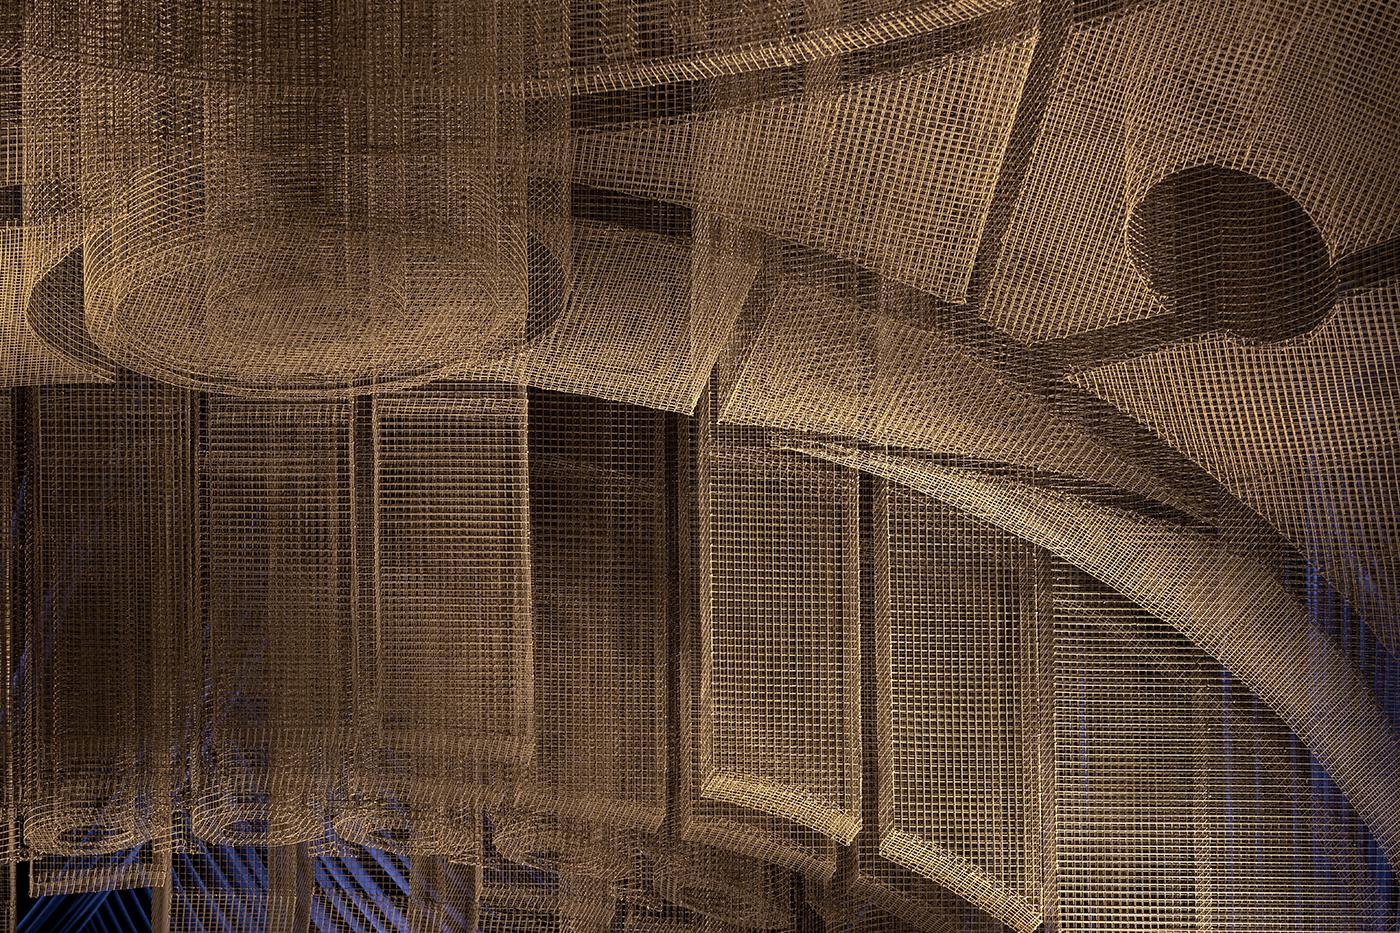 2_Tresoldi Studio_Fillmore © Roberto Conte